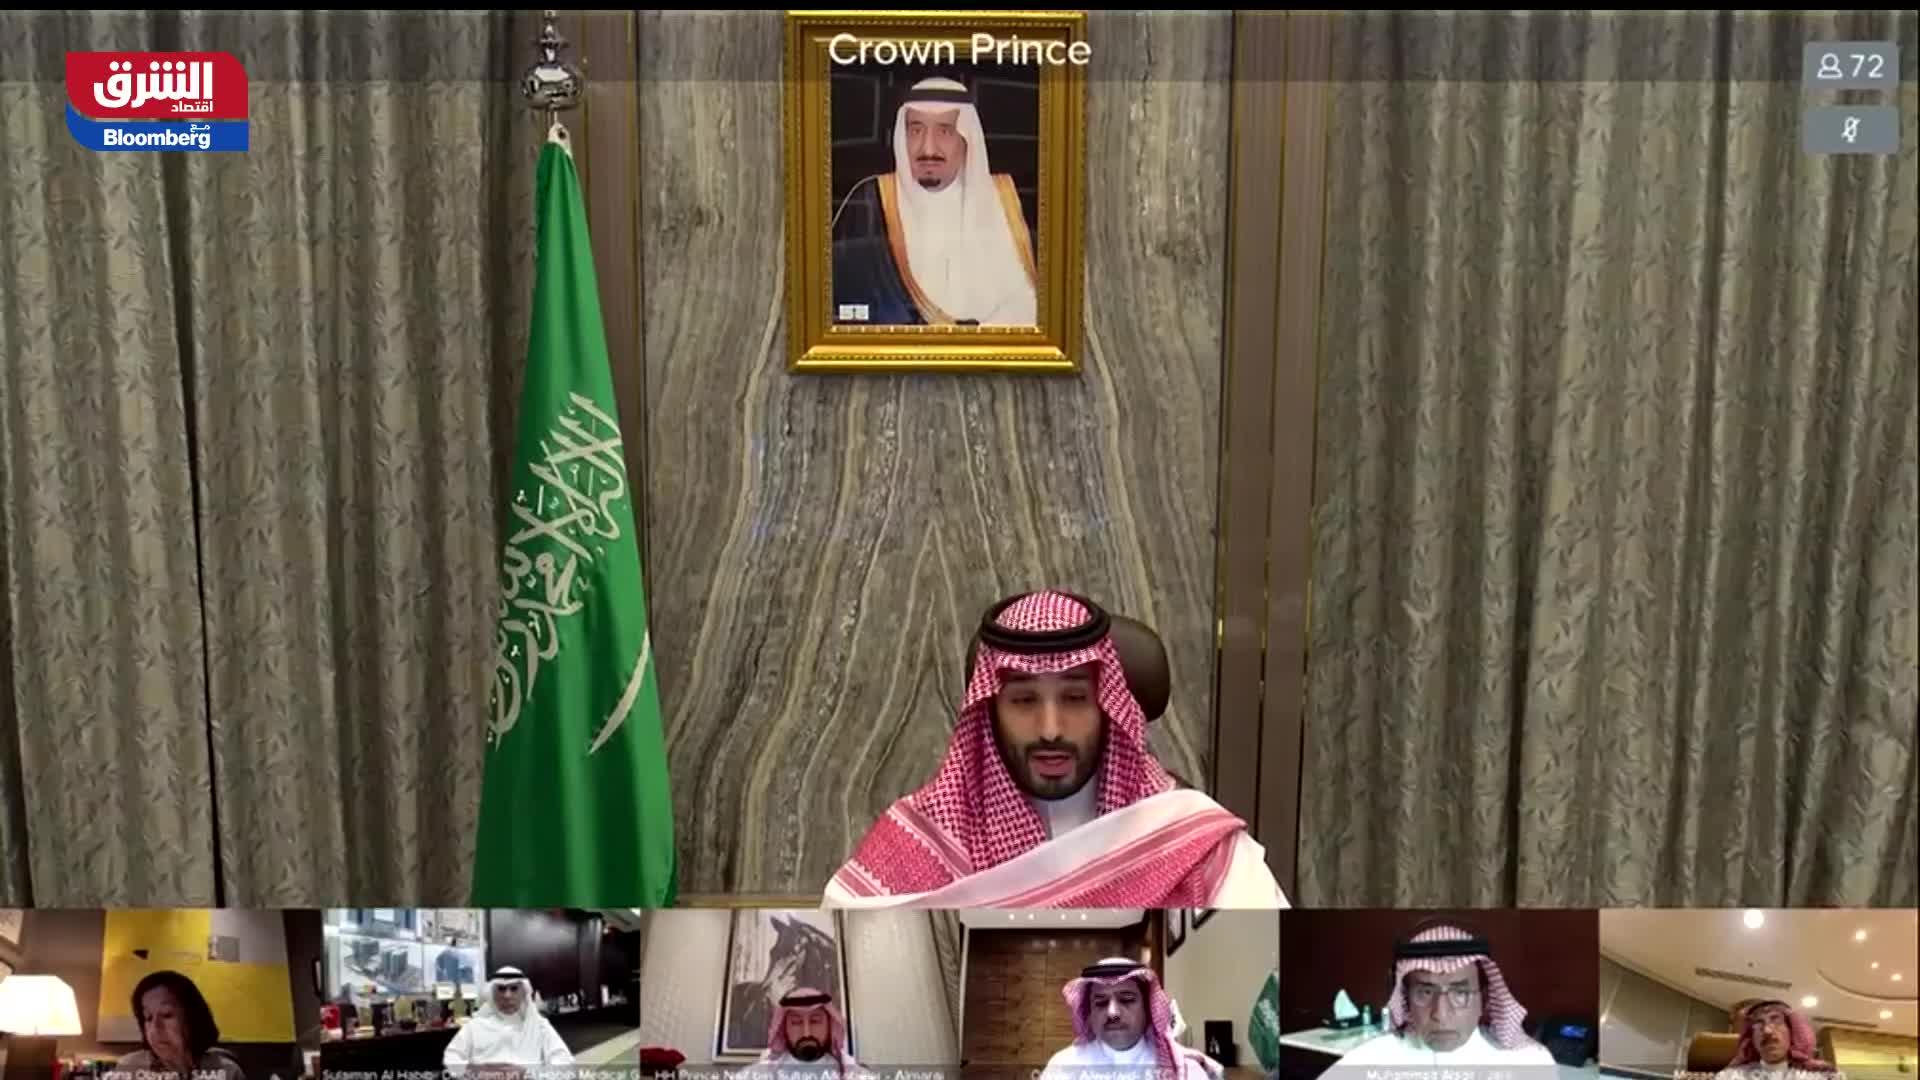 ولي العهد السعودي: 27 تريليون ريال إنفاق المملكة حتى 2030